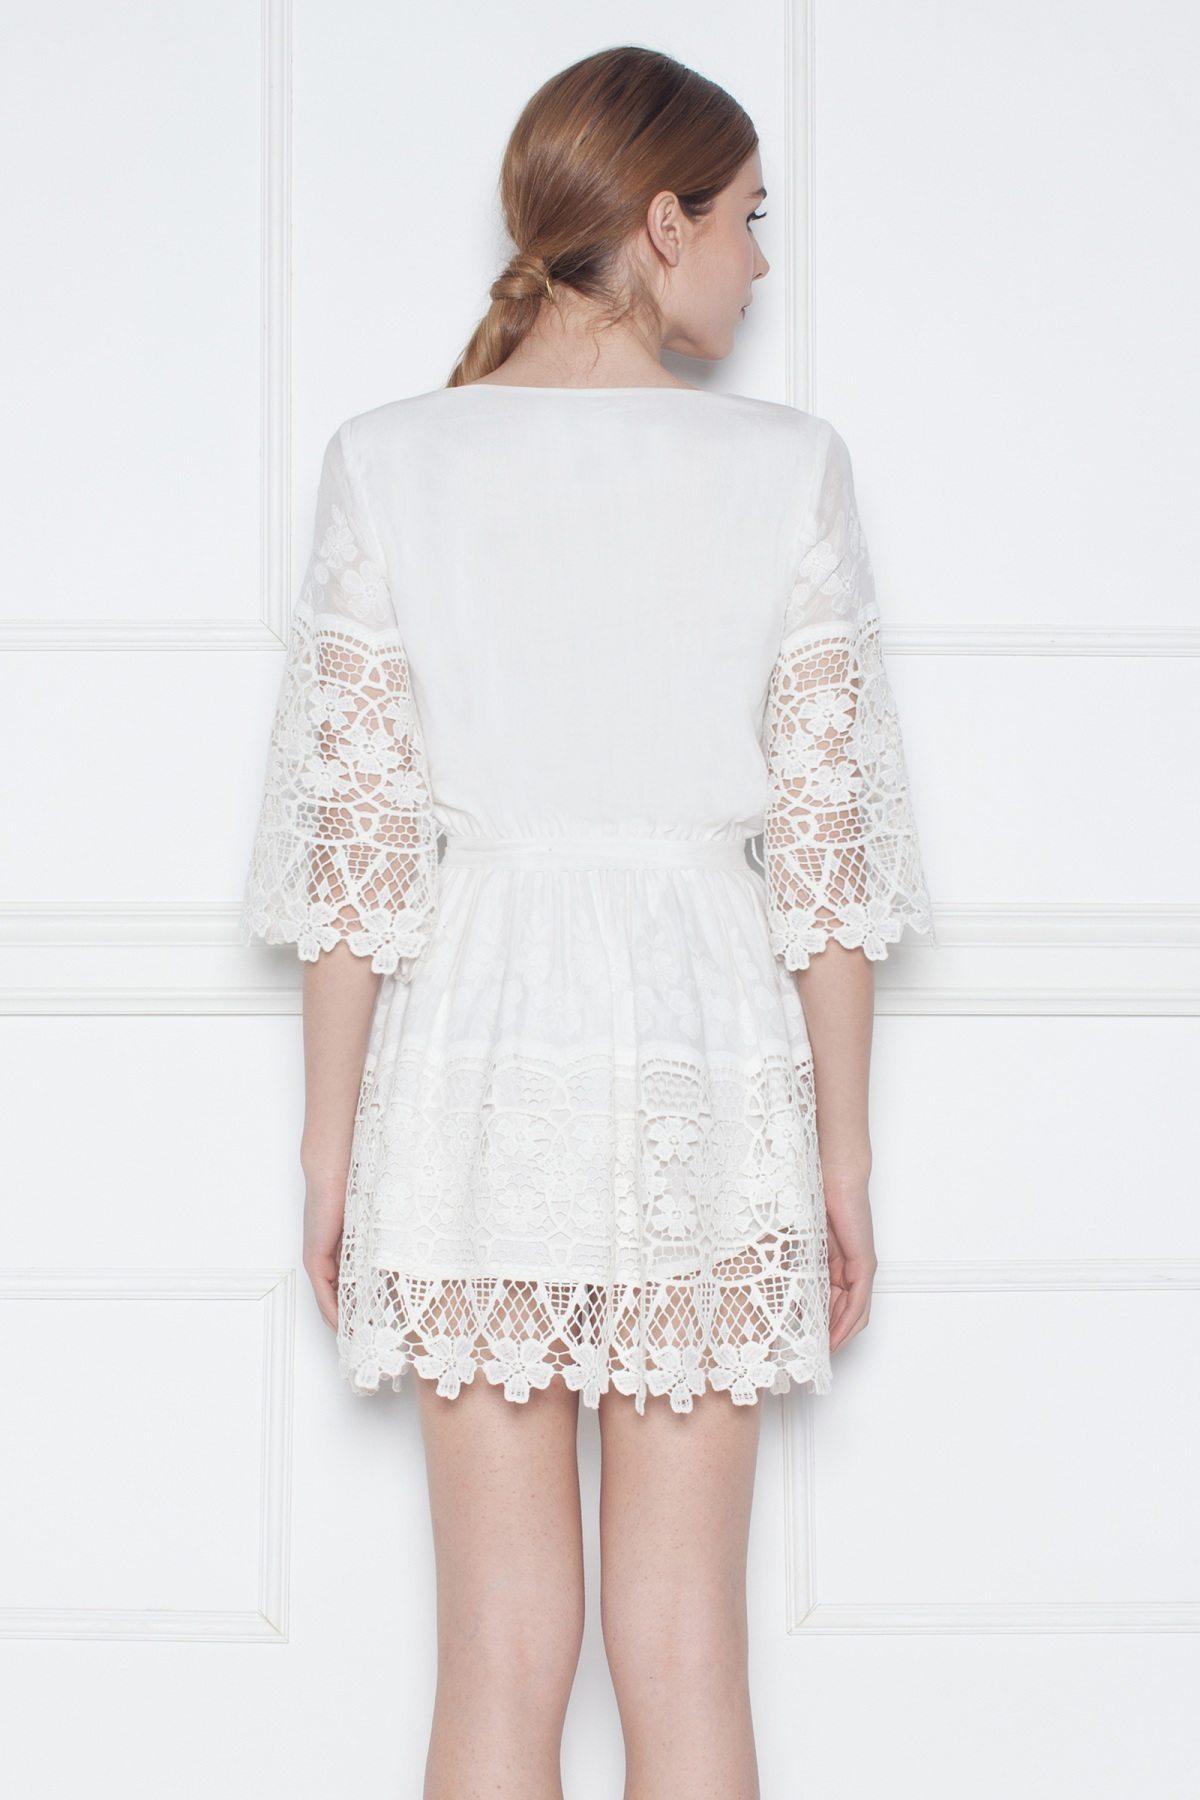 ab3120a7b4 Krótka biała sukienka z haftem